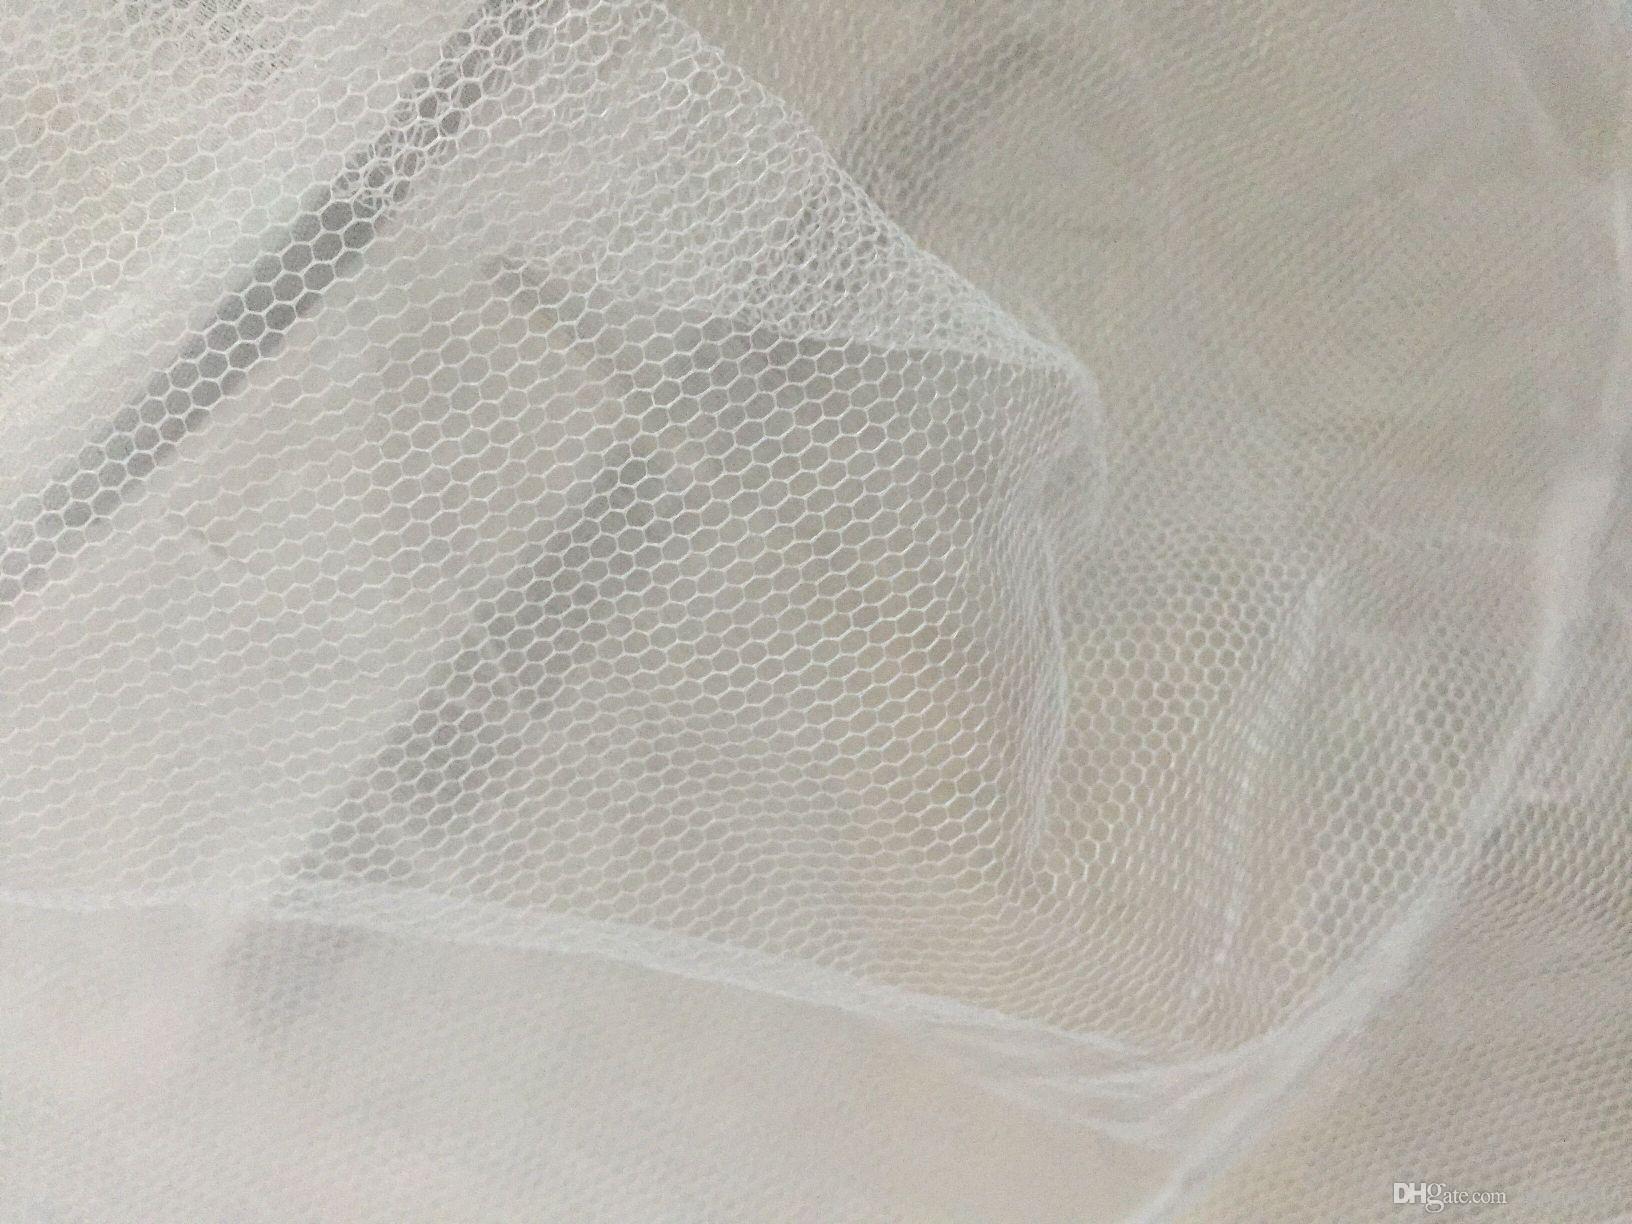 Historia de Shanghai Venta caliente 3 Aro Vestido de bola Hueso completo Crinolina Enaguas para el vestido de boda Falda de la boda Accesorios Slip QC-01